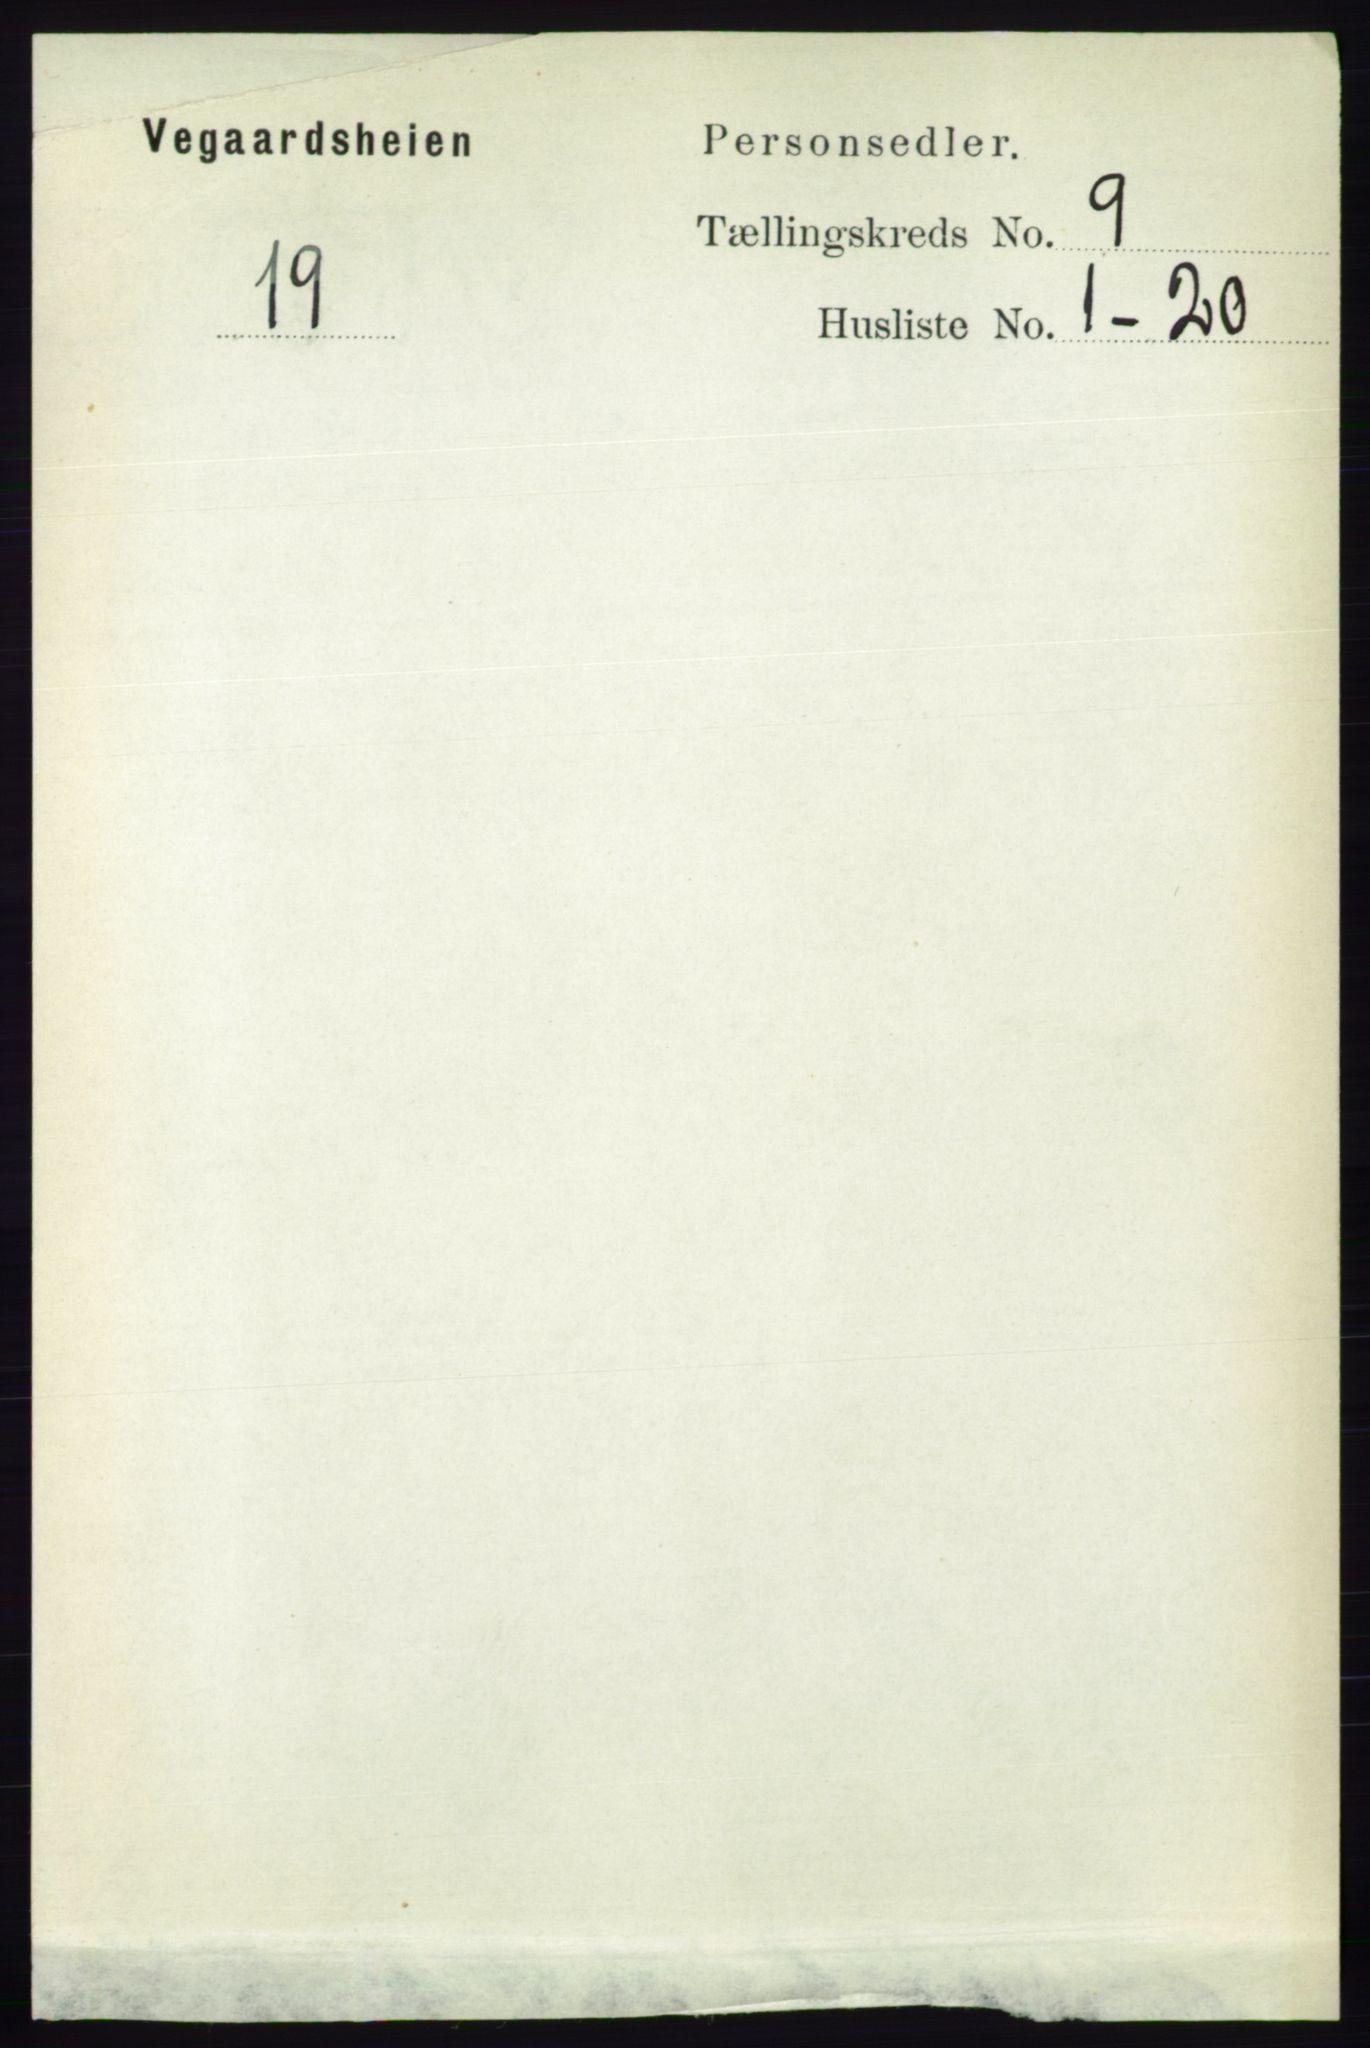 RA, Folketelling 1891 for 0912 Vegårshei herred, 1891, s. 1733